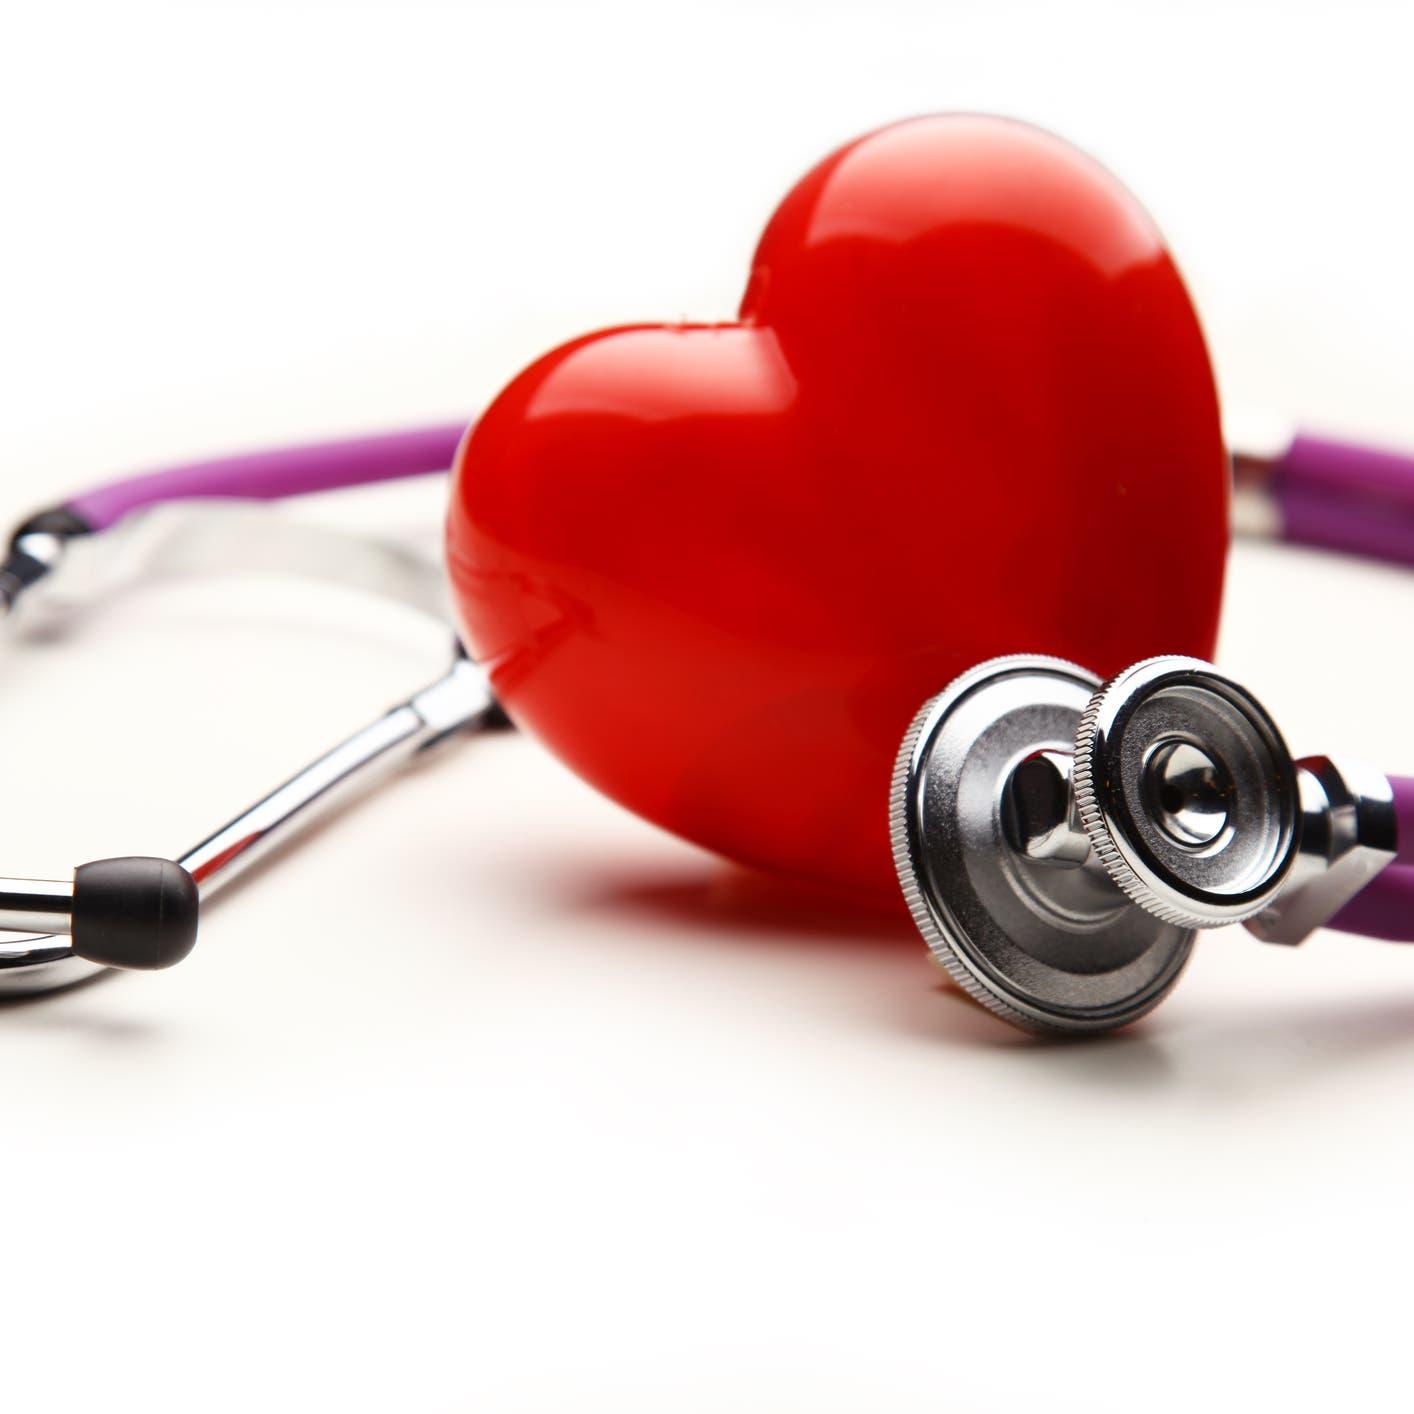 كيف يؤثر النوم على شيخوخة القلب؟